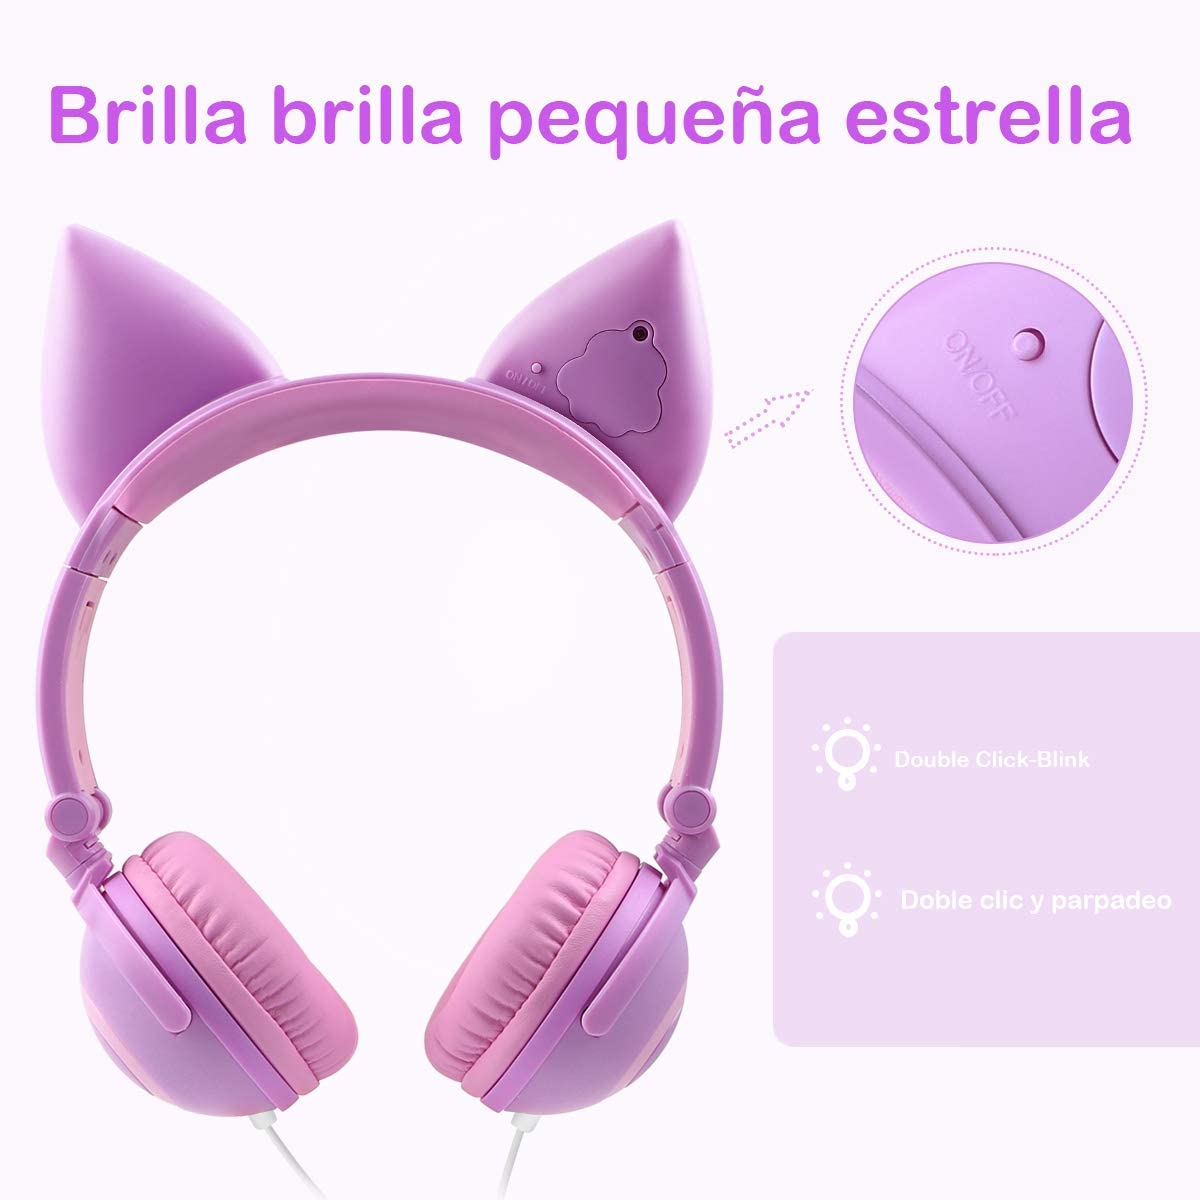 Amarillo + P/ÉTALO Auriculares ni/ña,Cascos ni/ña,Auriculares Orejas de Gato,Cascos ni/ña,Auriculares Infantiles ni/ña,Auriculares,audifonos de Gato,Auriculares Infantil,Auriculares Rosa